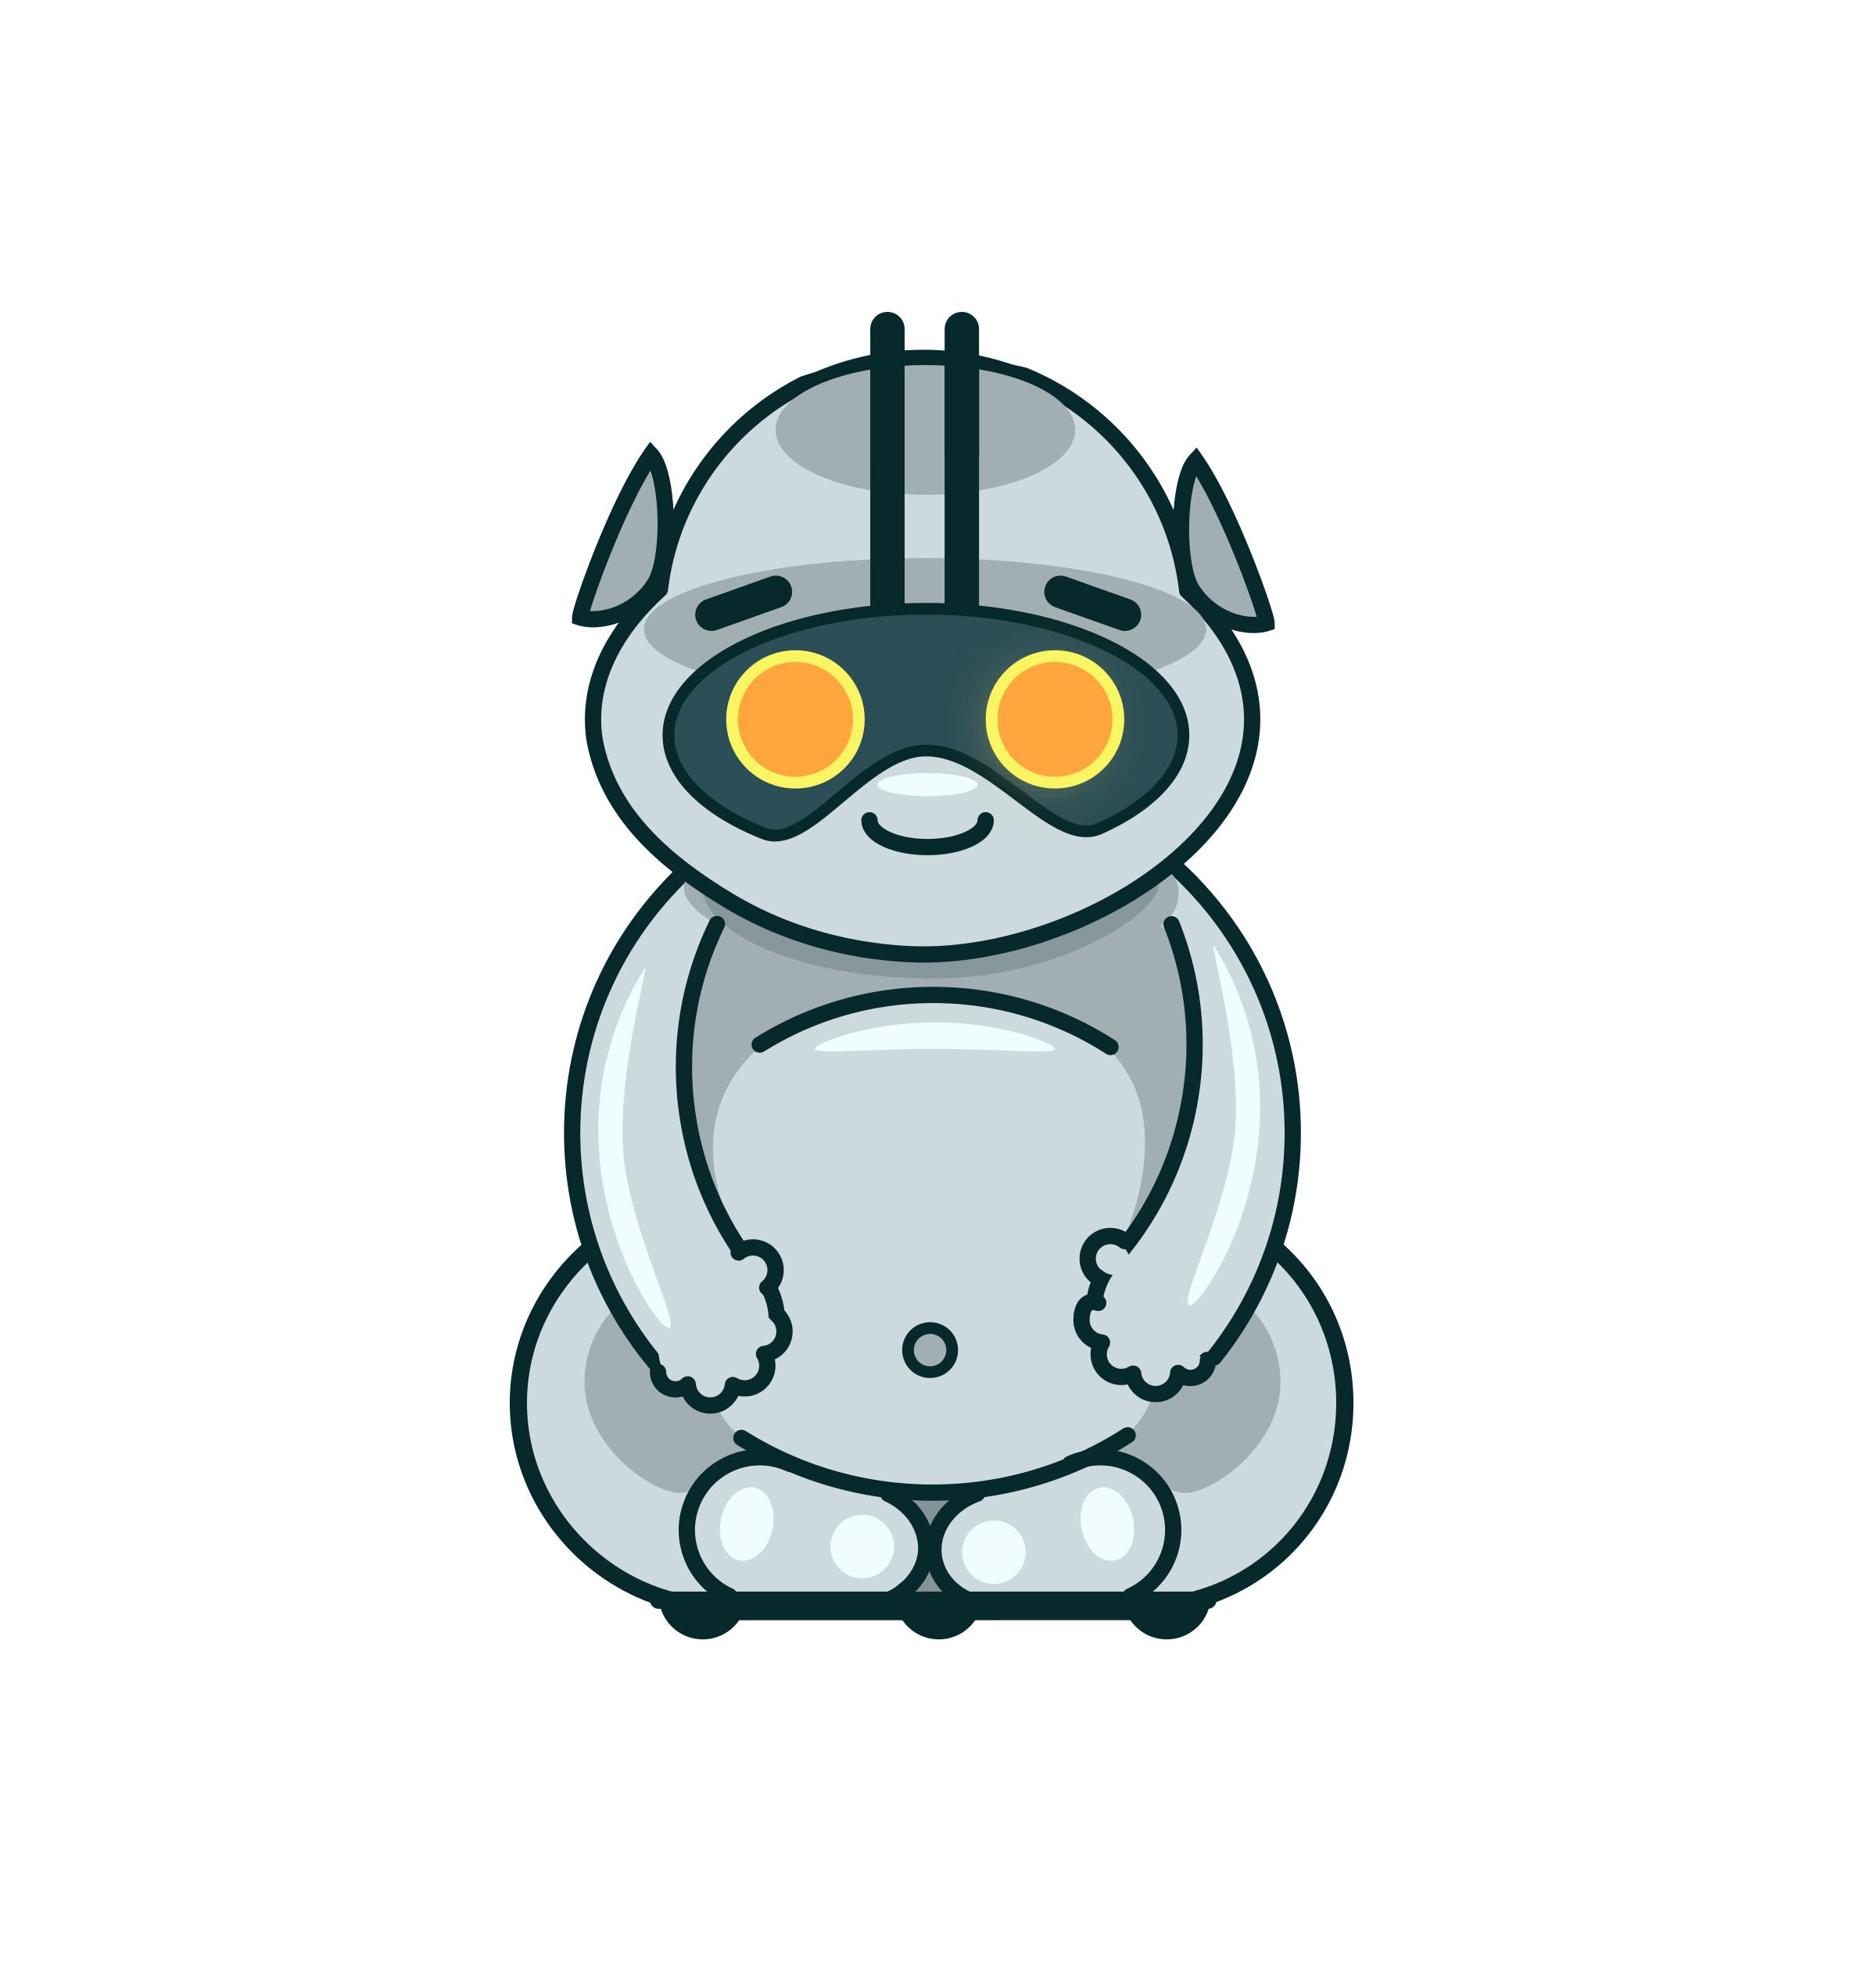 Конкурс на разработку дизайна детского домашнего робота. фото f_1625a7b60a79c77a.jpg